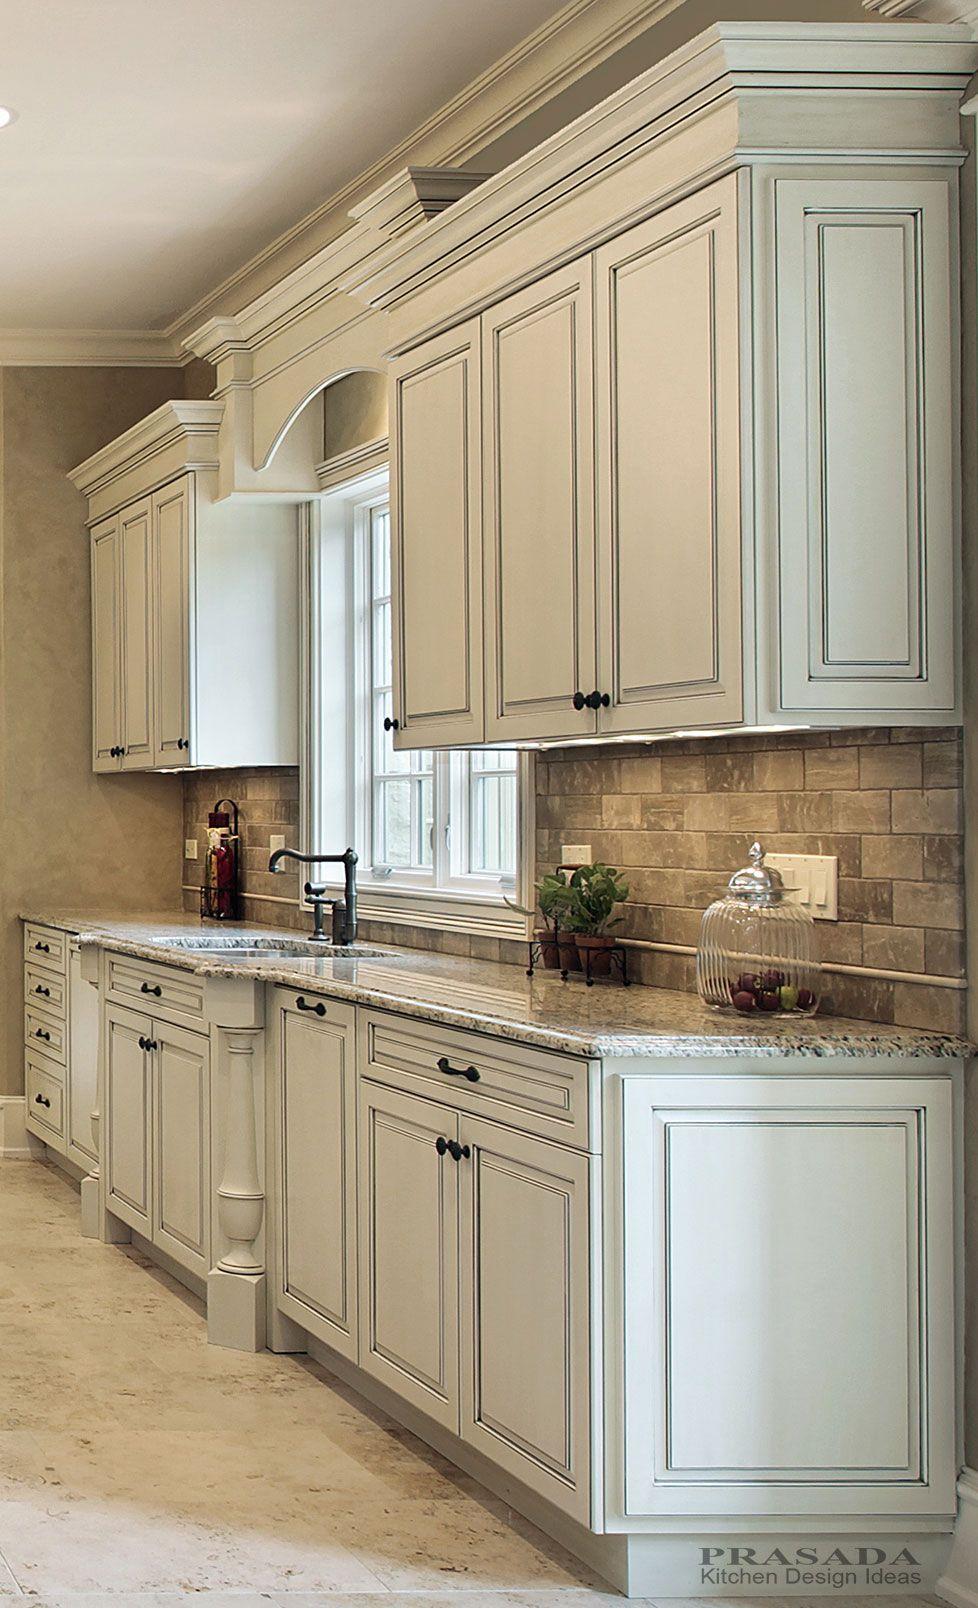 Best 25 Off white kitchen cabinets ideas on Pinterest